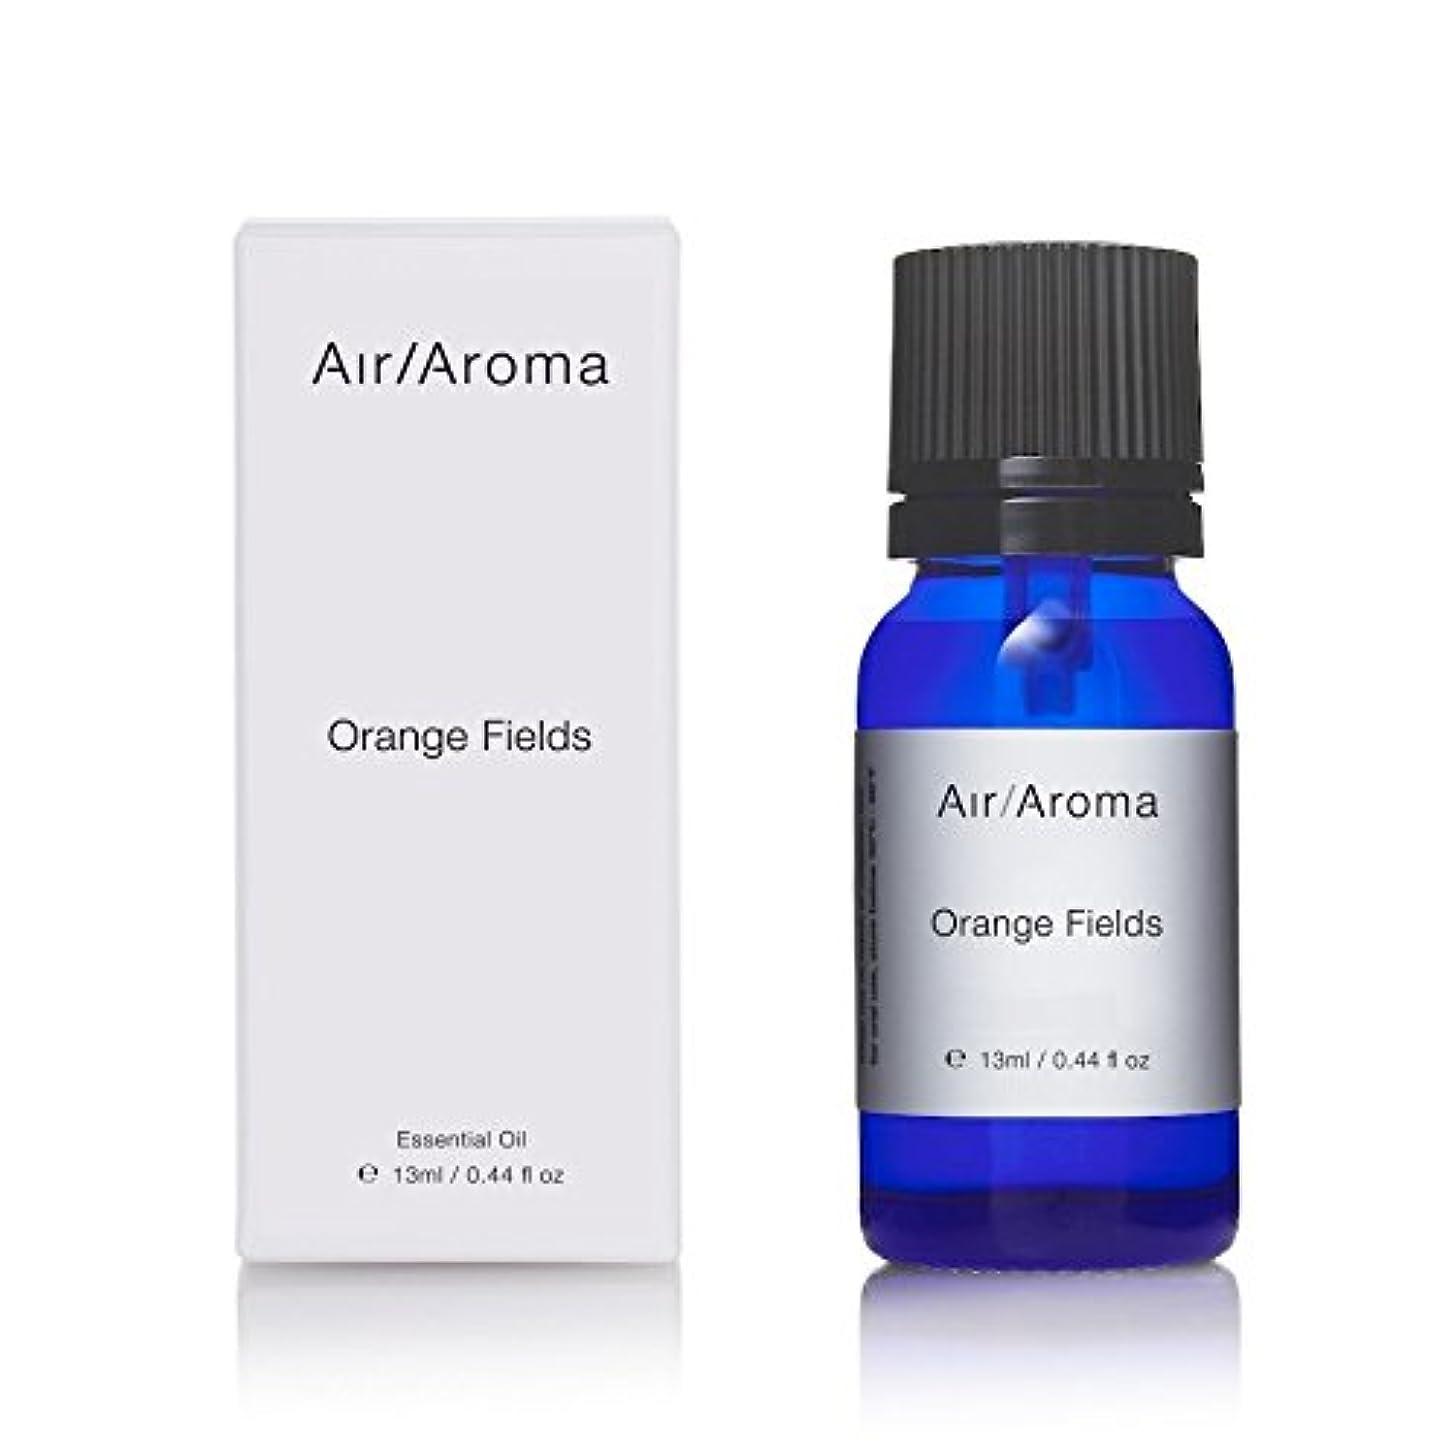 リフトスクランブル摩擦エアアロマ orange fields (オレンジフィールド) 13ml